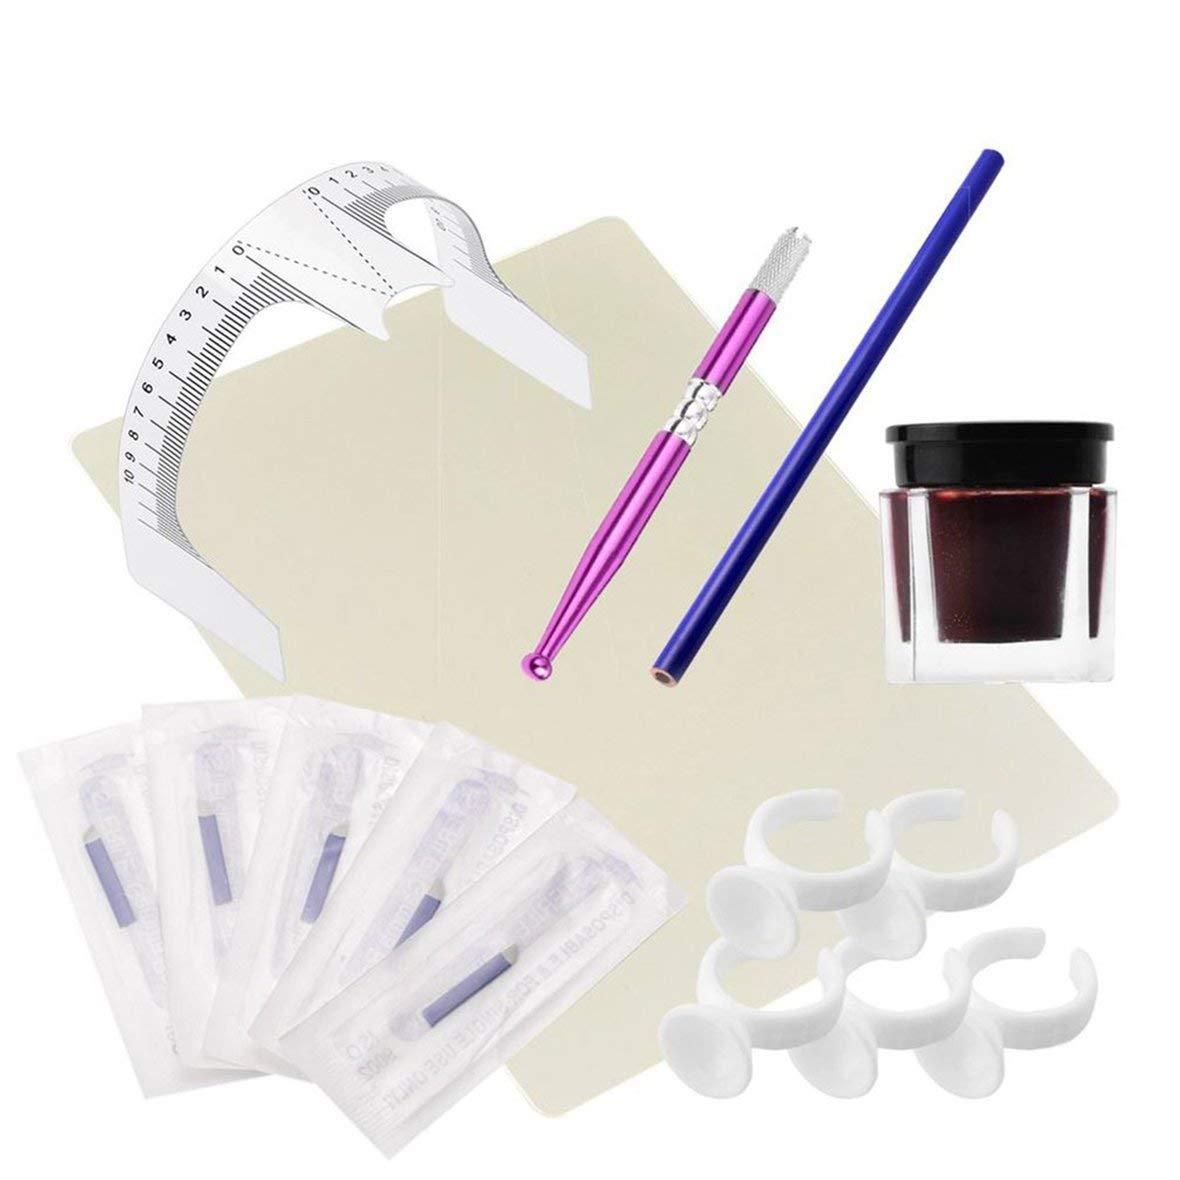 Tapa de la Lactancia Glield Cubierta de Enfermer/ía 100/% Algod/ón Gratis Bolsita WNZJ01-F